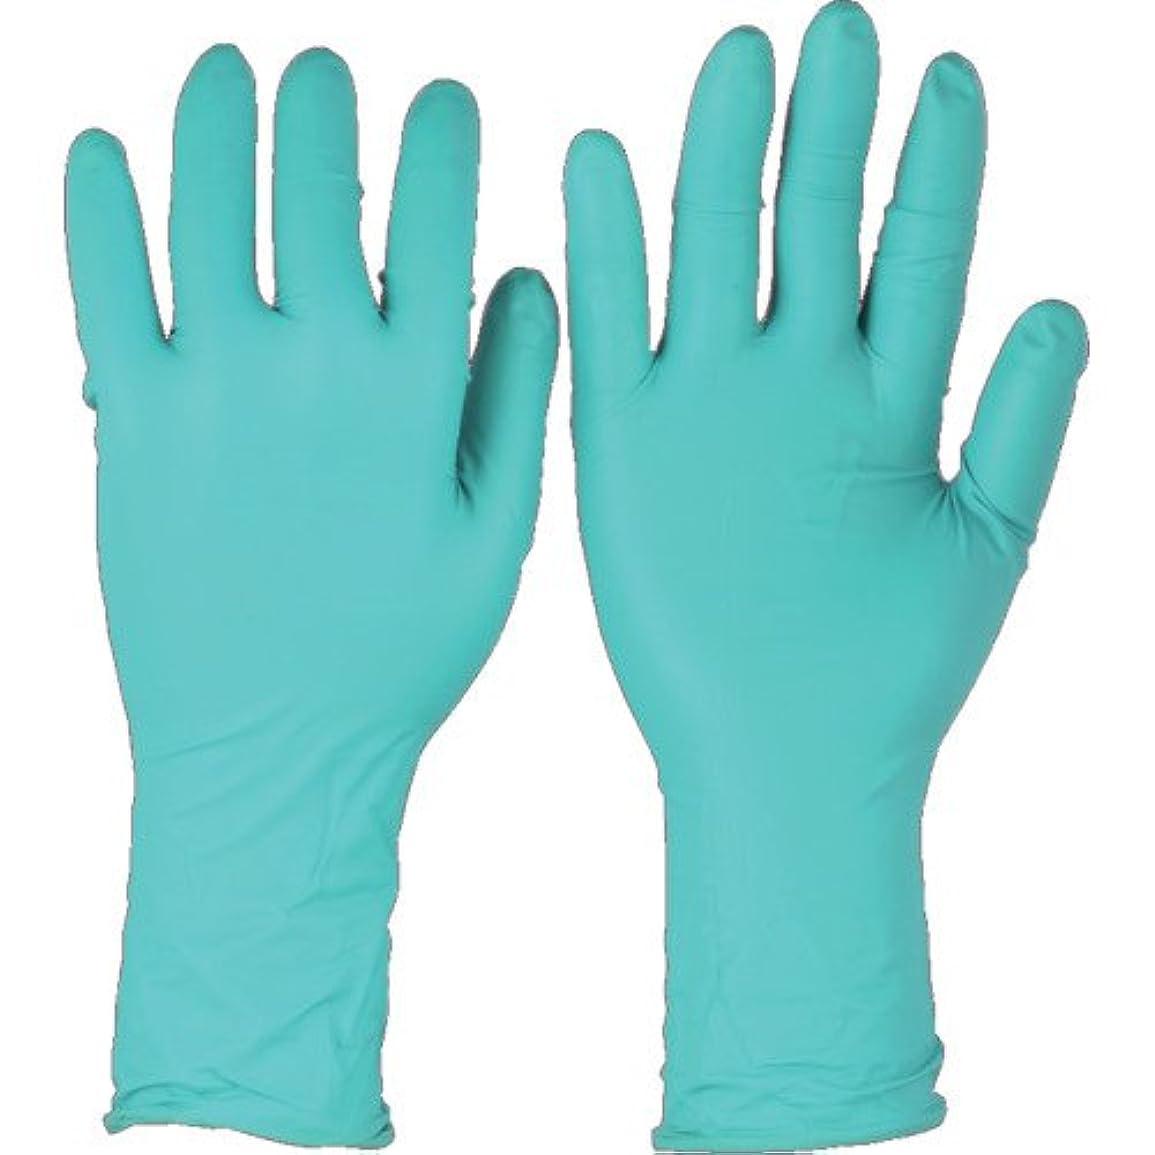 トラスコ中山 アンセル ネオプレンゴム使い捨て手袋 マイクロフレックス 93-260 Mサイズ (50枚入)  932608